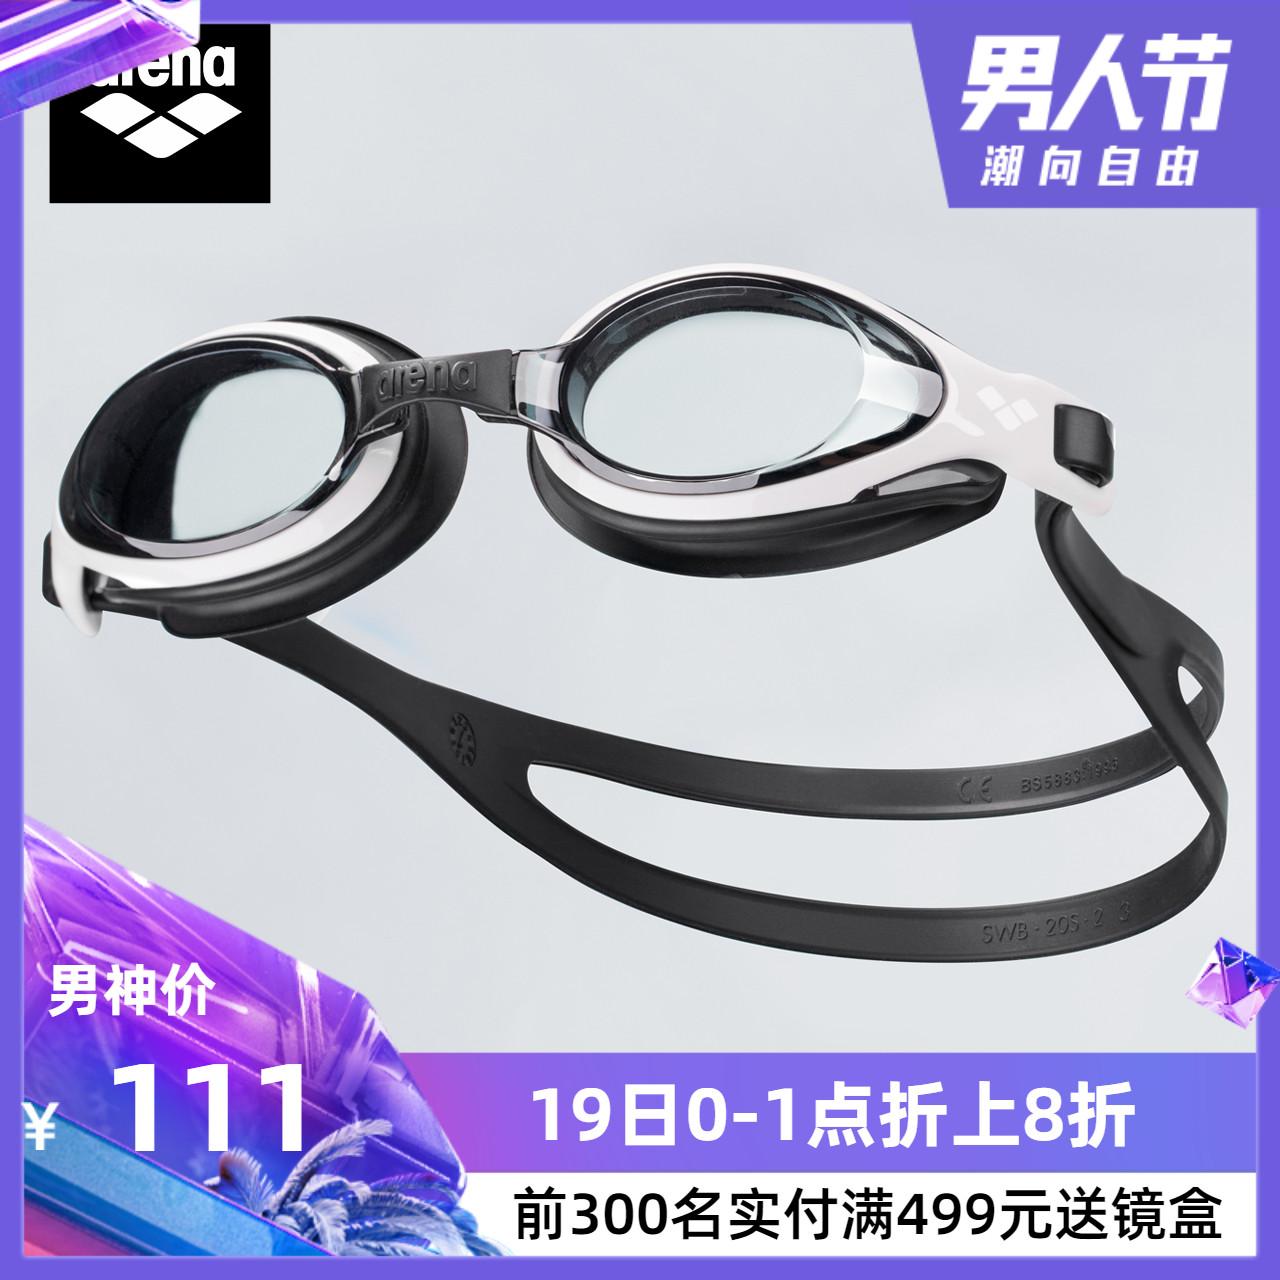 arena阿瑞娜泳镜防水防雾高清男女通用专业游泳装备游泳眼镜